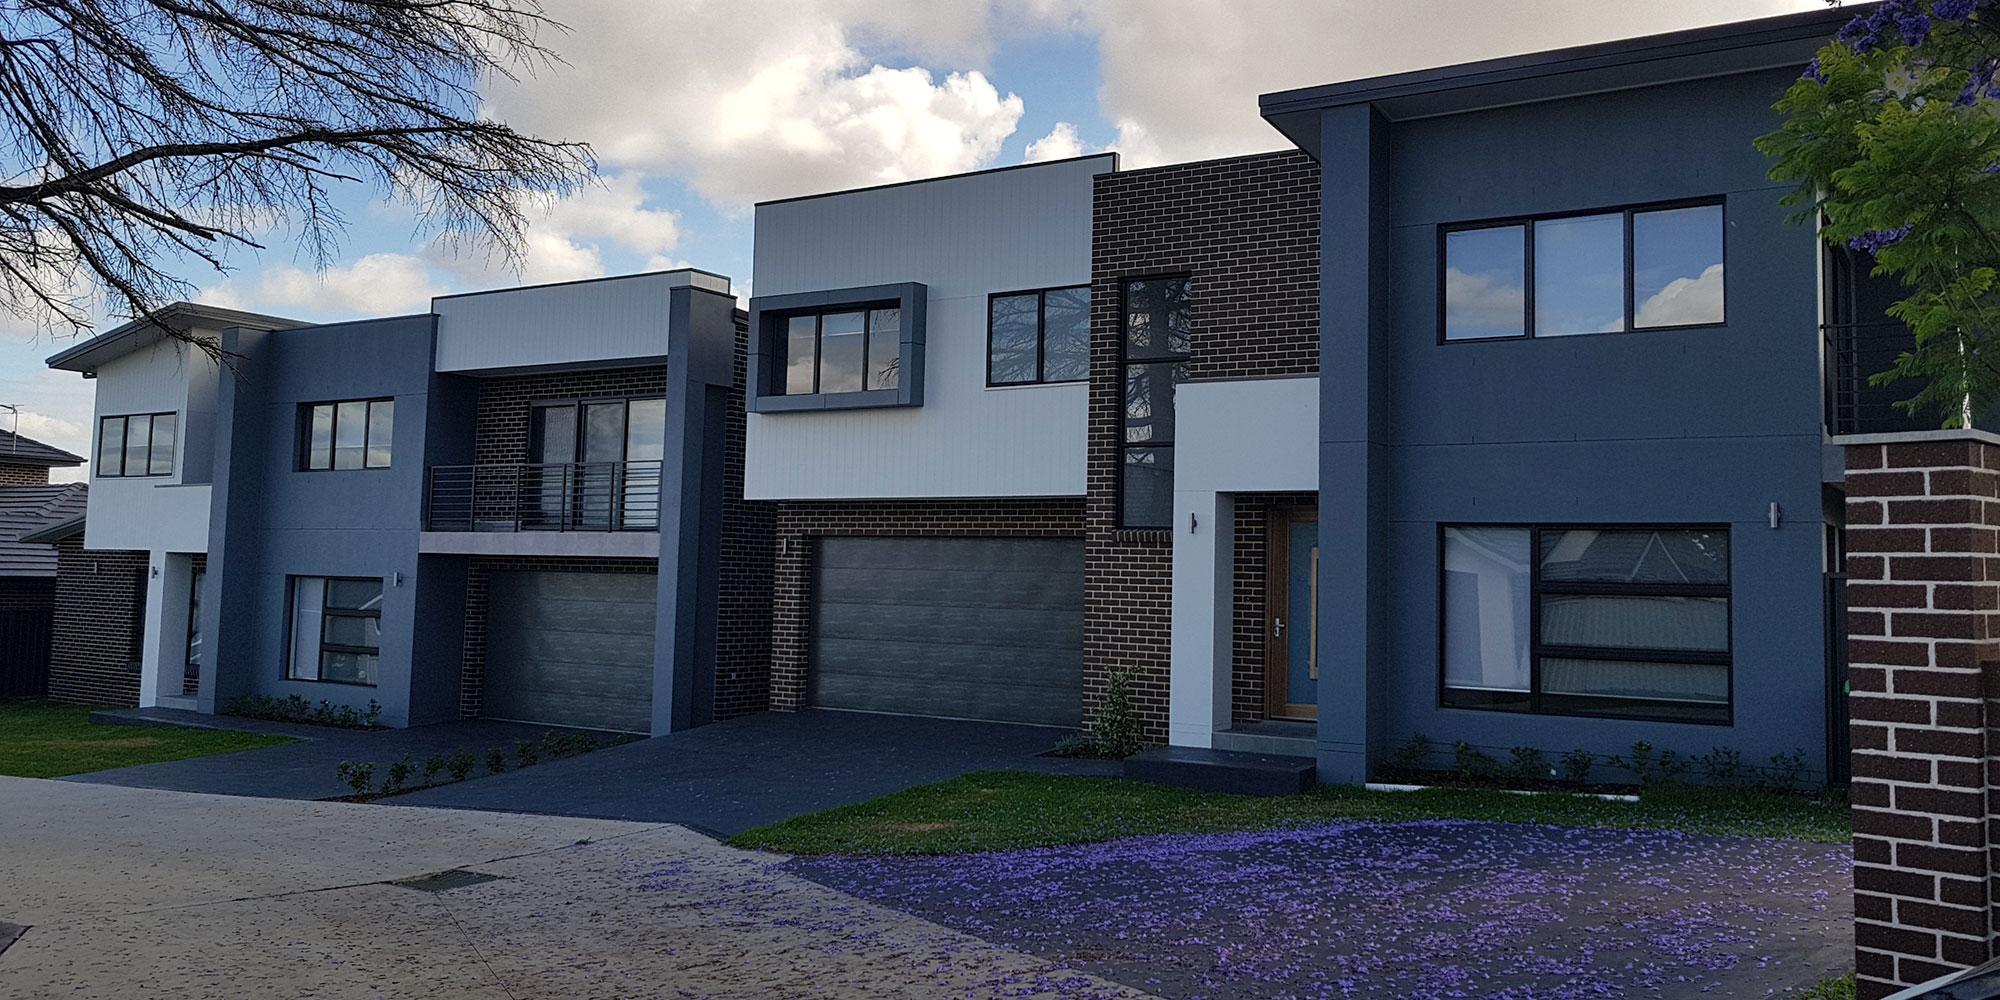 facades-1k-9